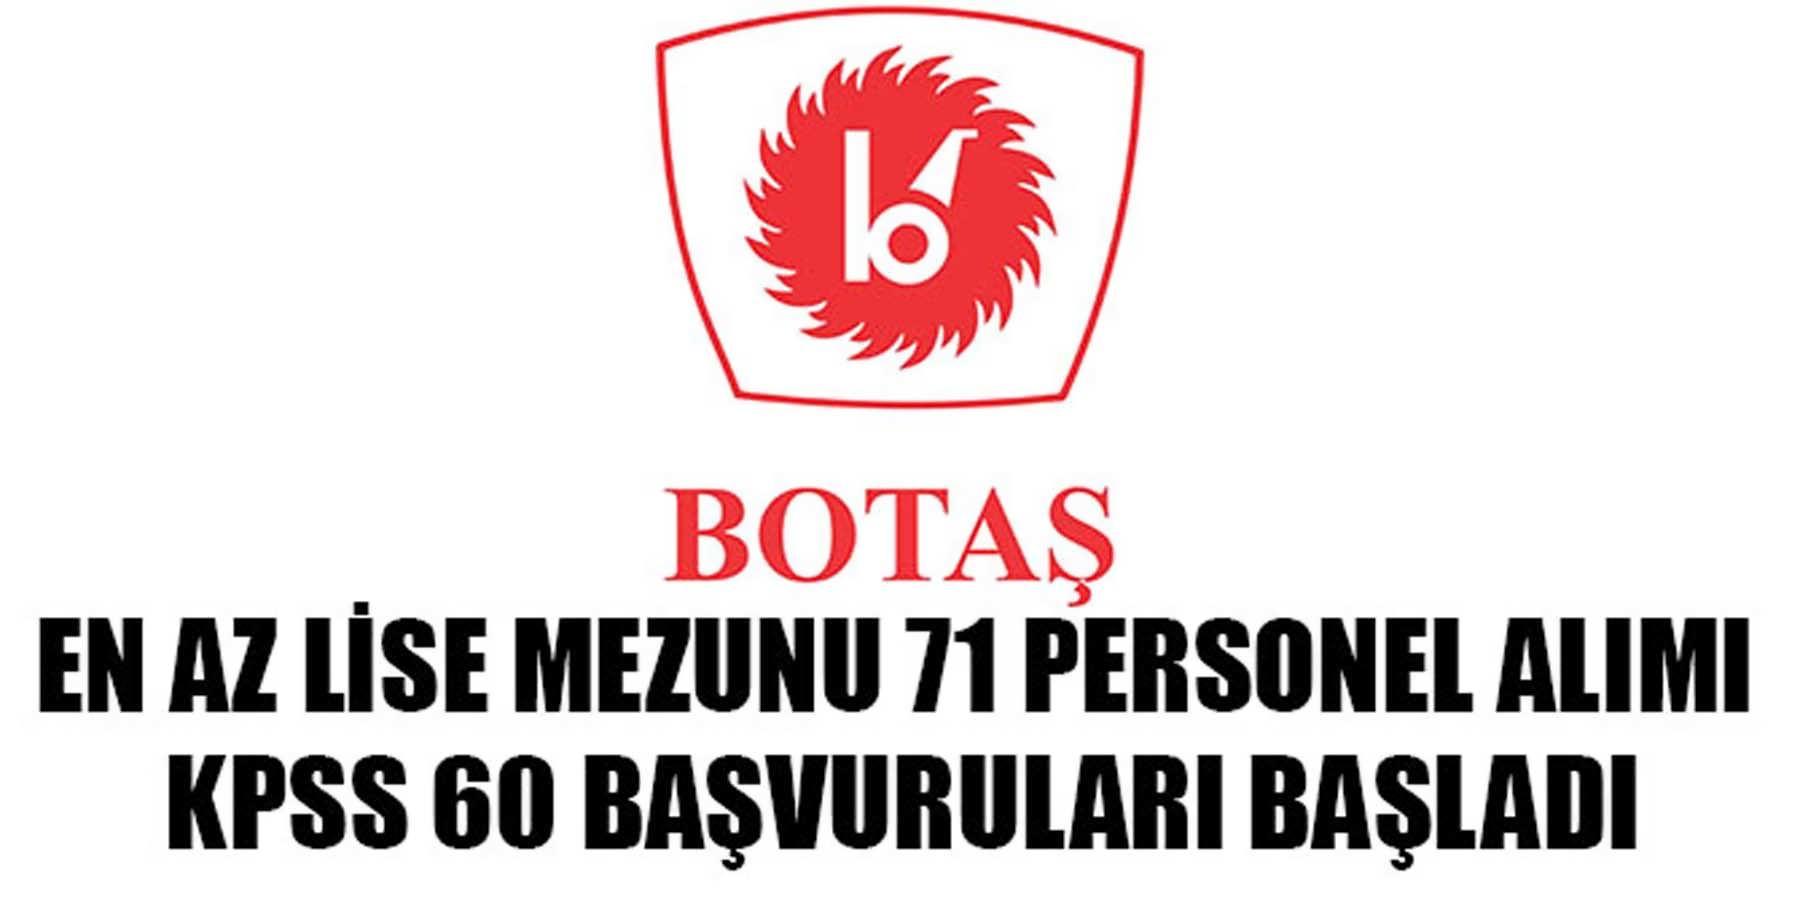 BOTAŞ' En Lise Mezun 71 Personel Alım Başvuruları Başladı KPSS 60 Puan